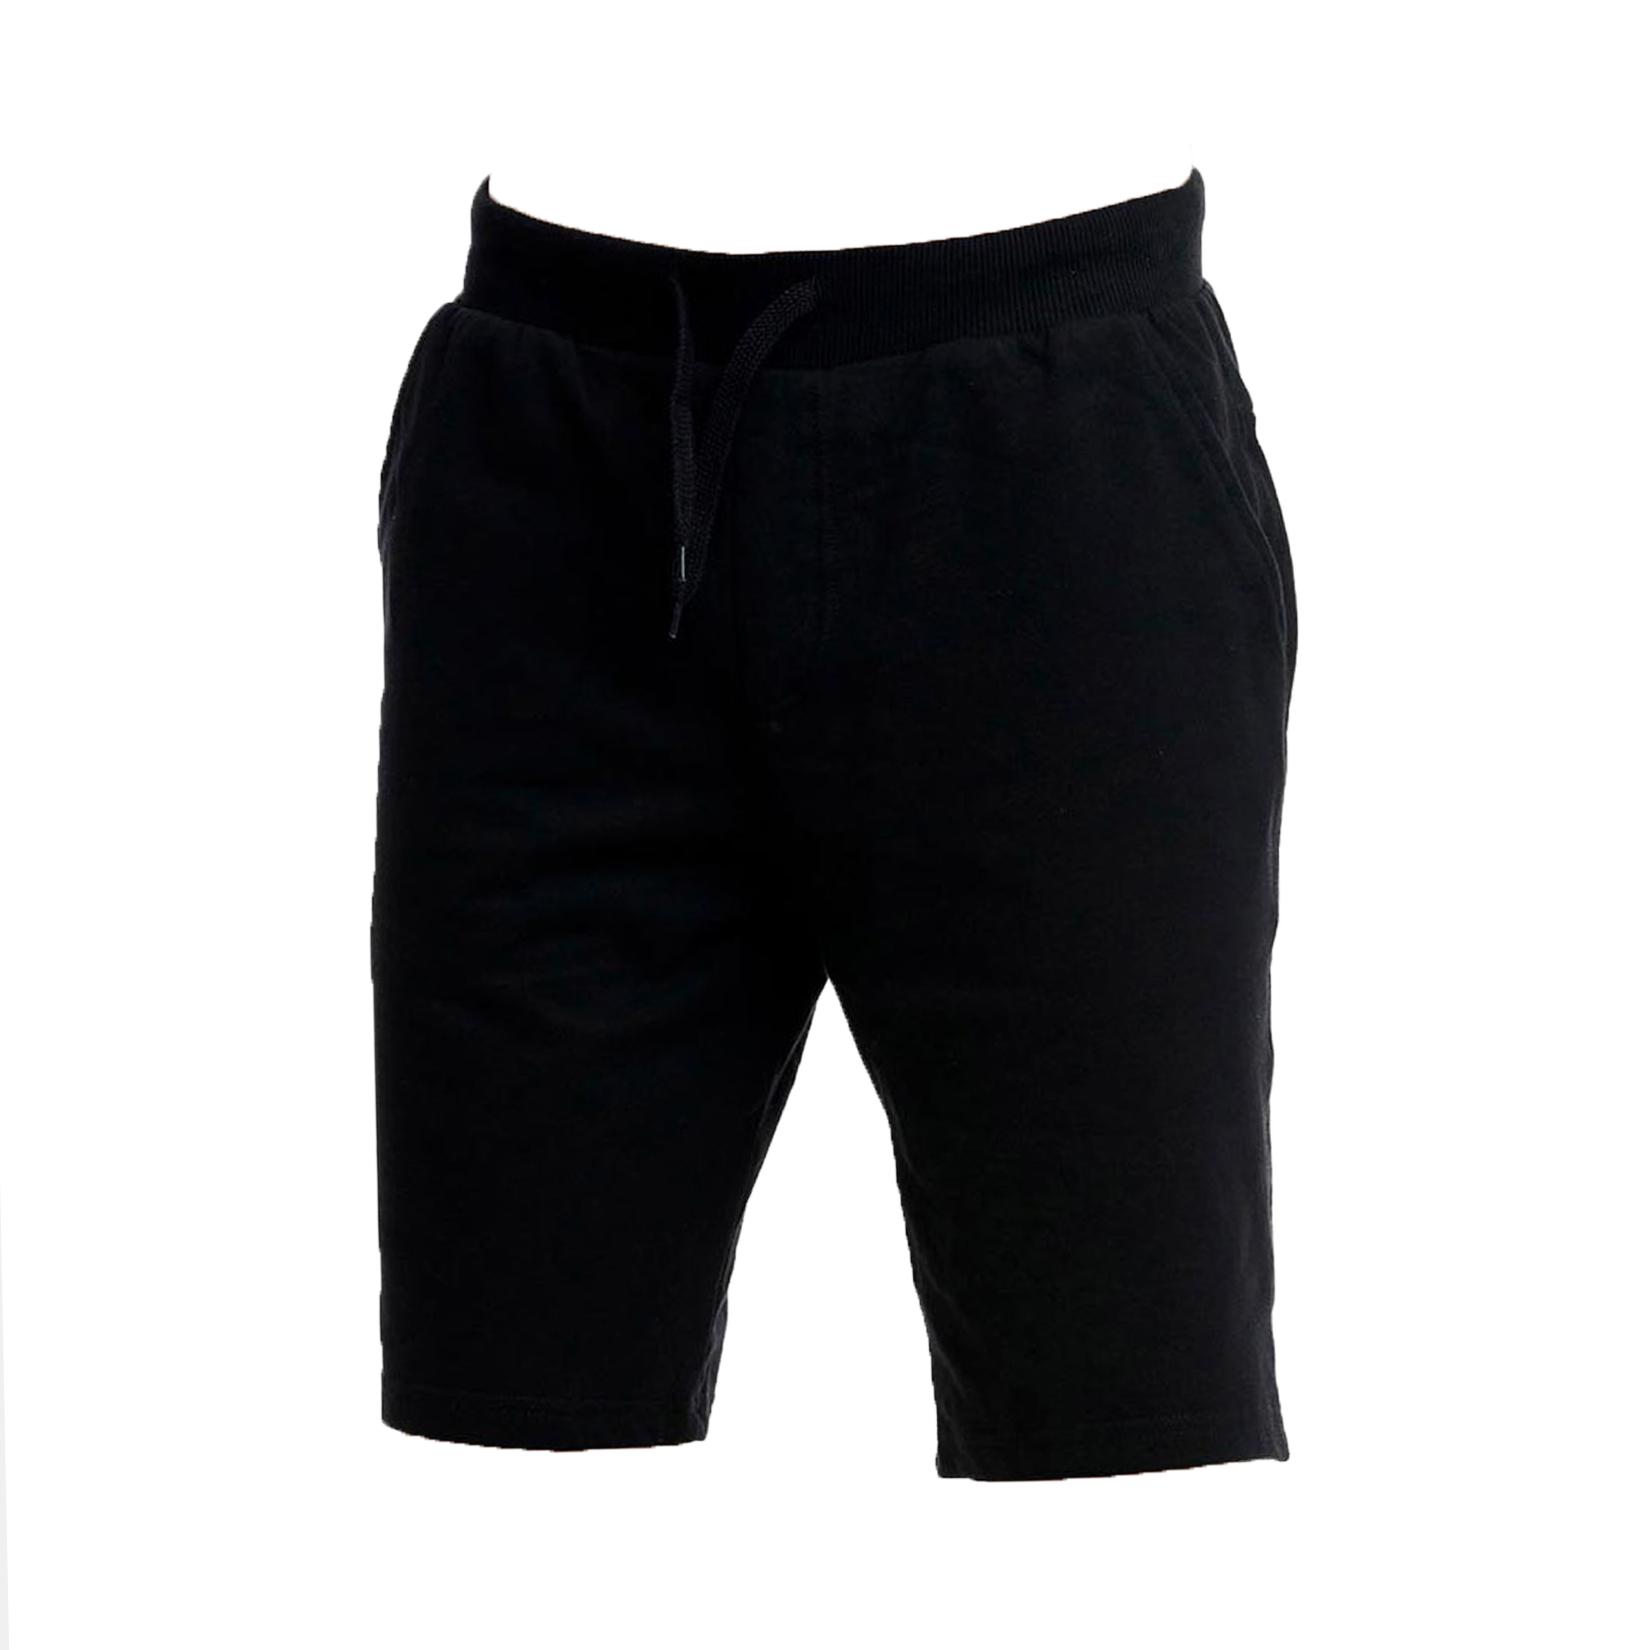 BodyTalk Carry Over Walkshorts Black